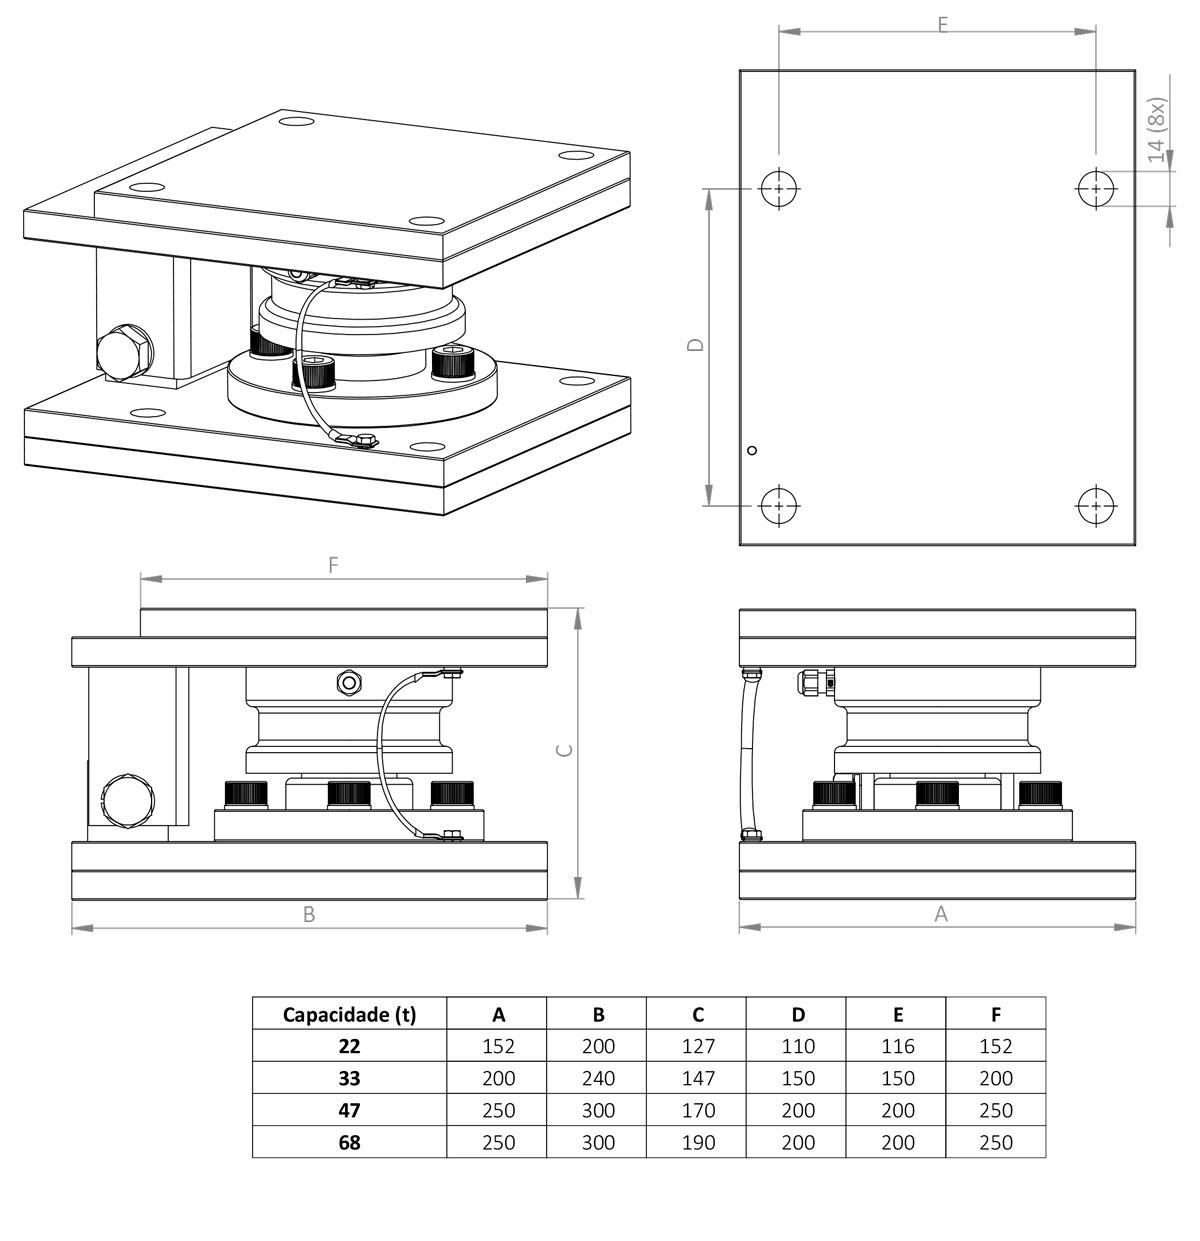 Suporte de pesagem Berman Load Cells SIPX-BRTL